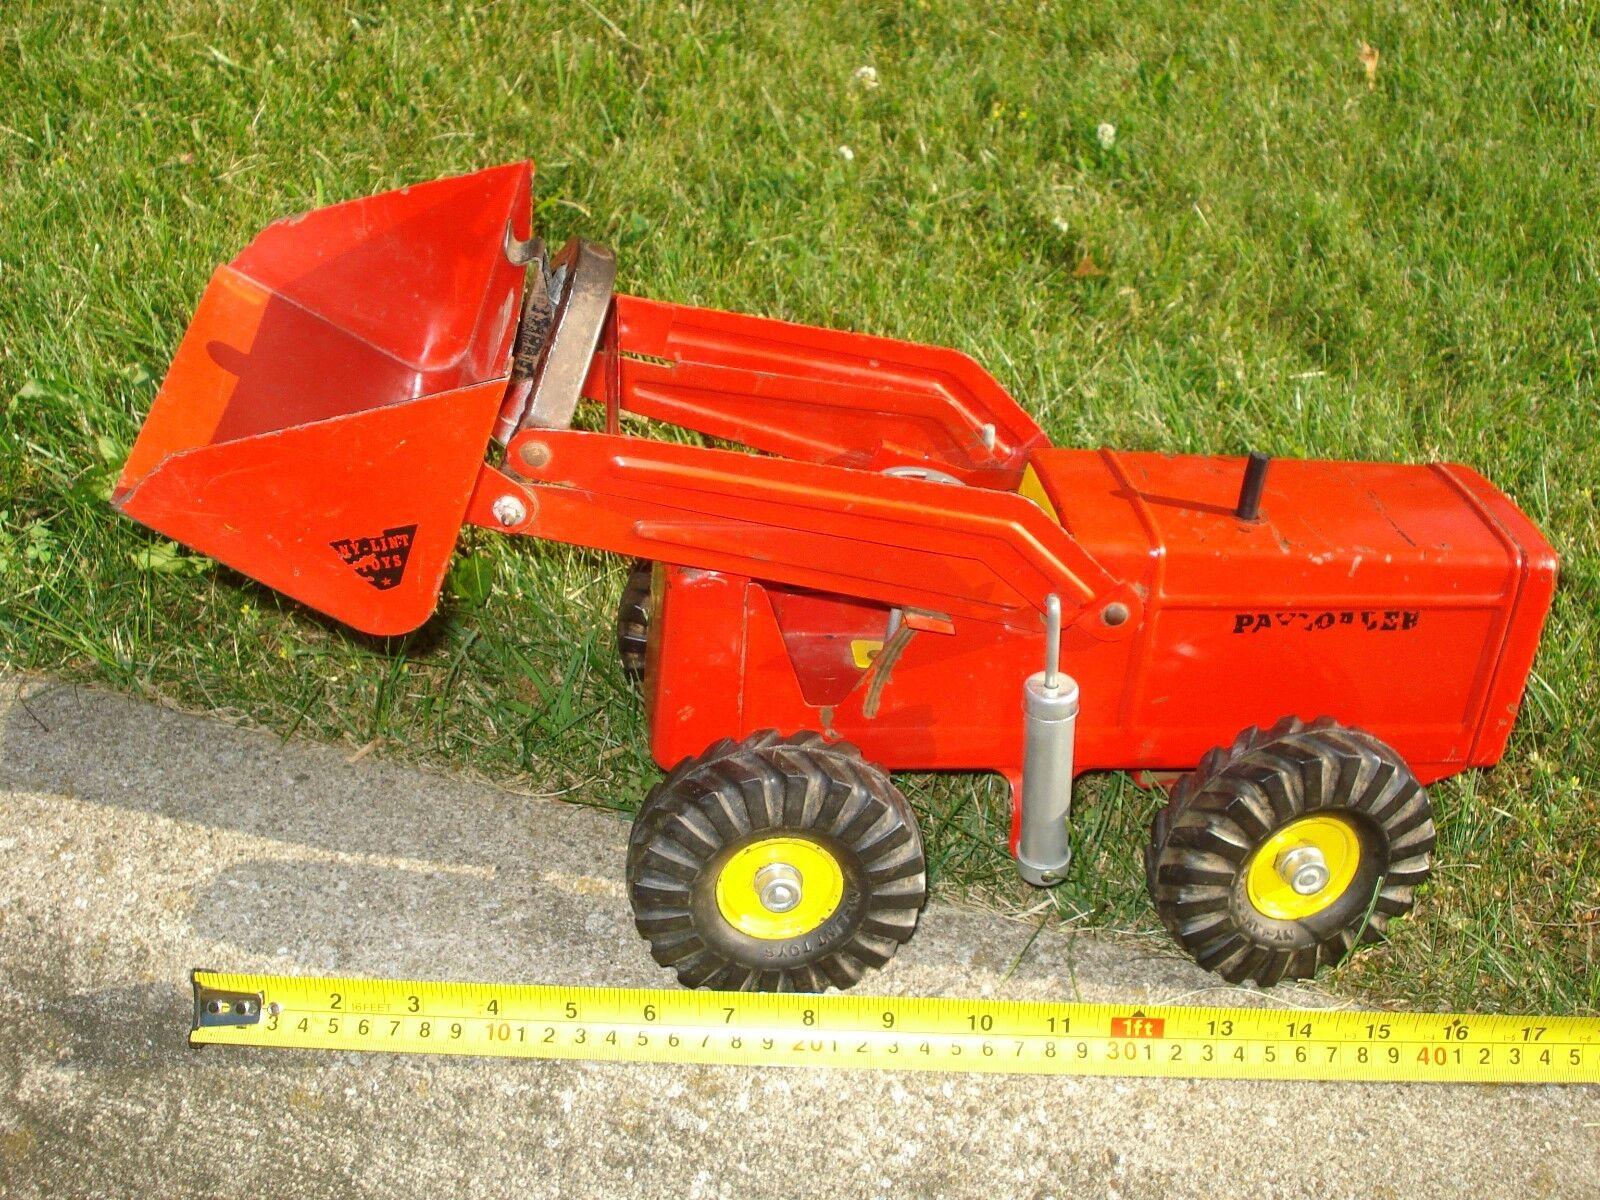 Vintage Nylint Juguetes Hough de acero prensado Payloader Camión Tractor Cochegador Rad-sales